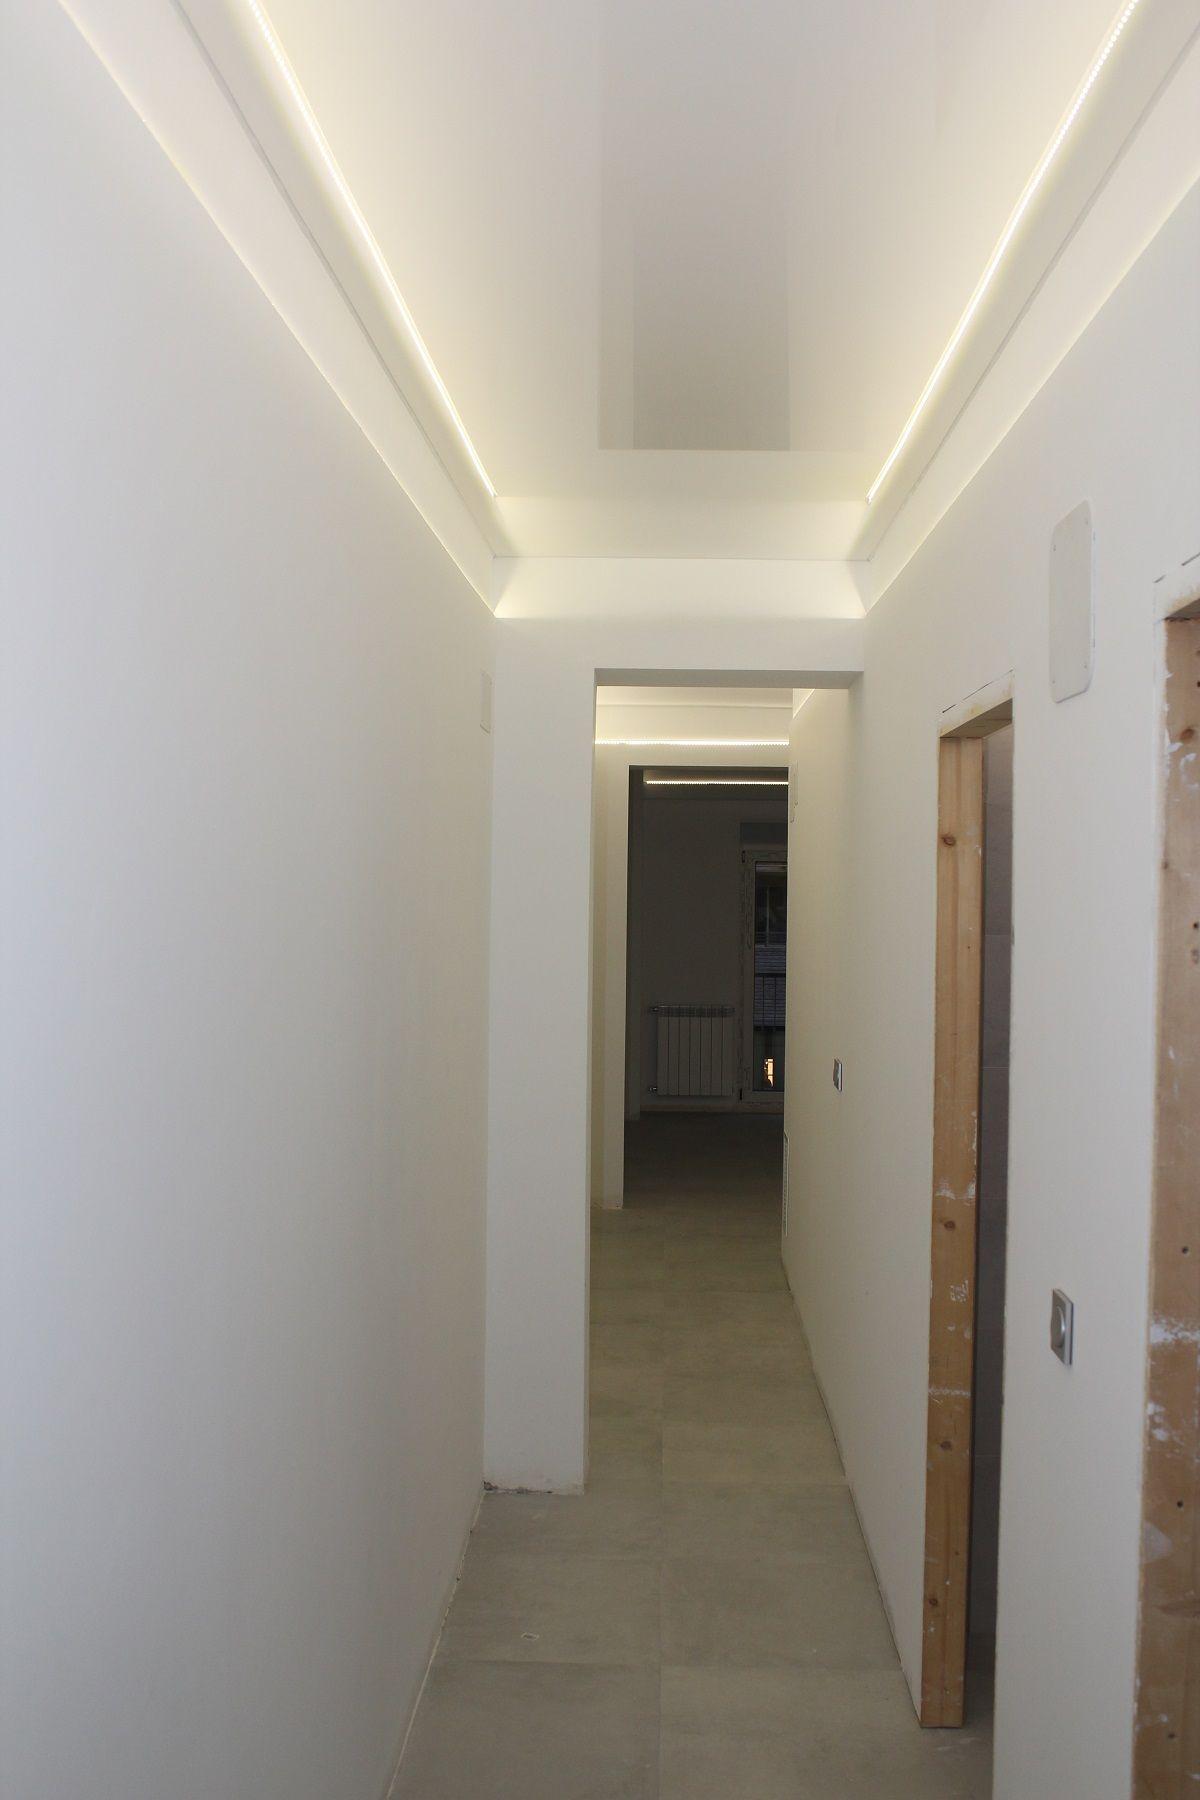 Techos tensados pvc de un pasillo colocar luces para - Como decorar un pasillo ...